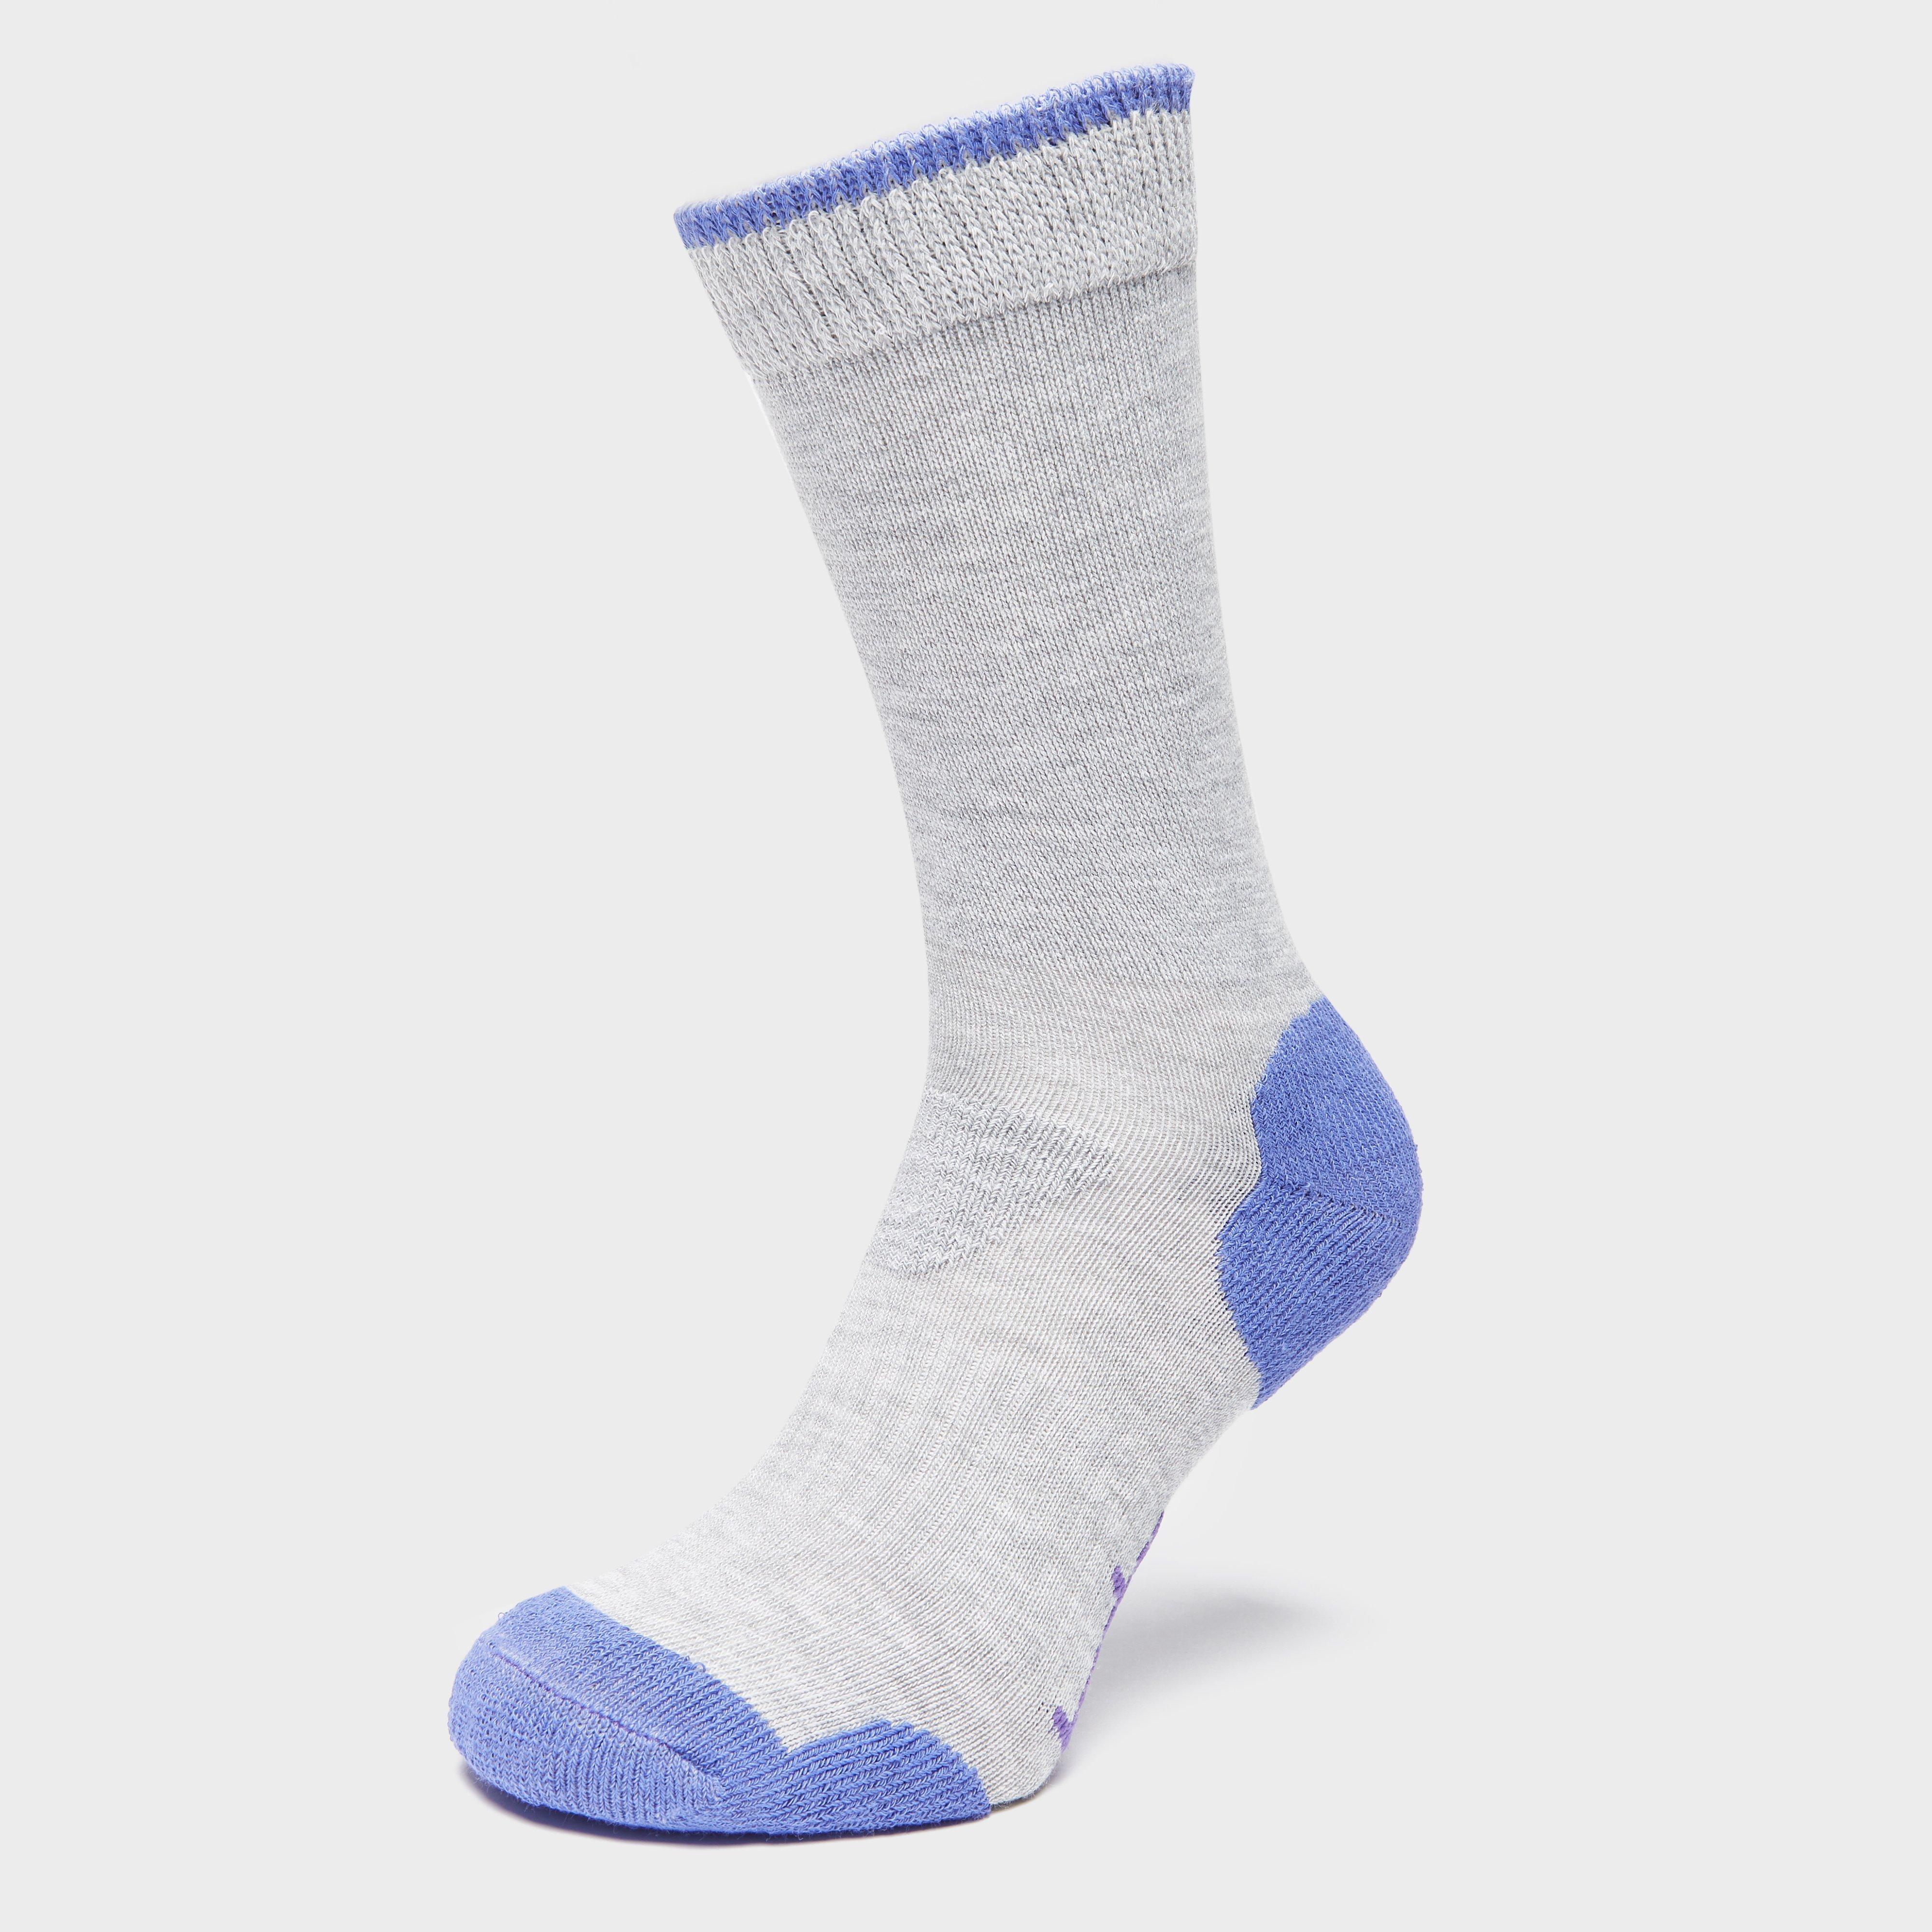 Brasher Womens Light Hiker Socks - Grey/gry  Grey/gry